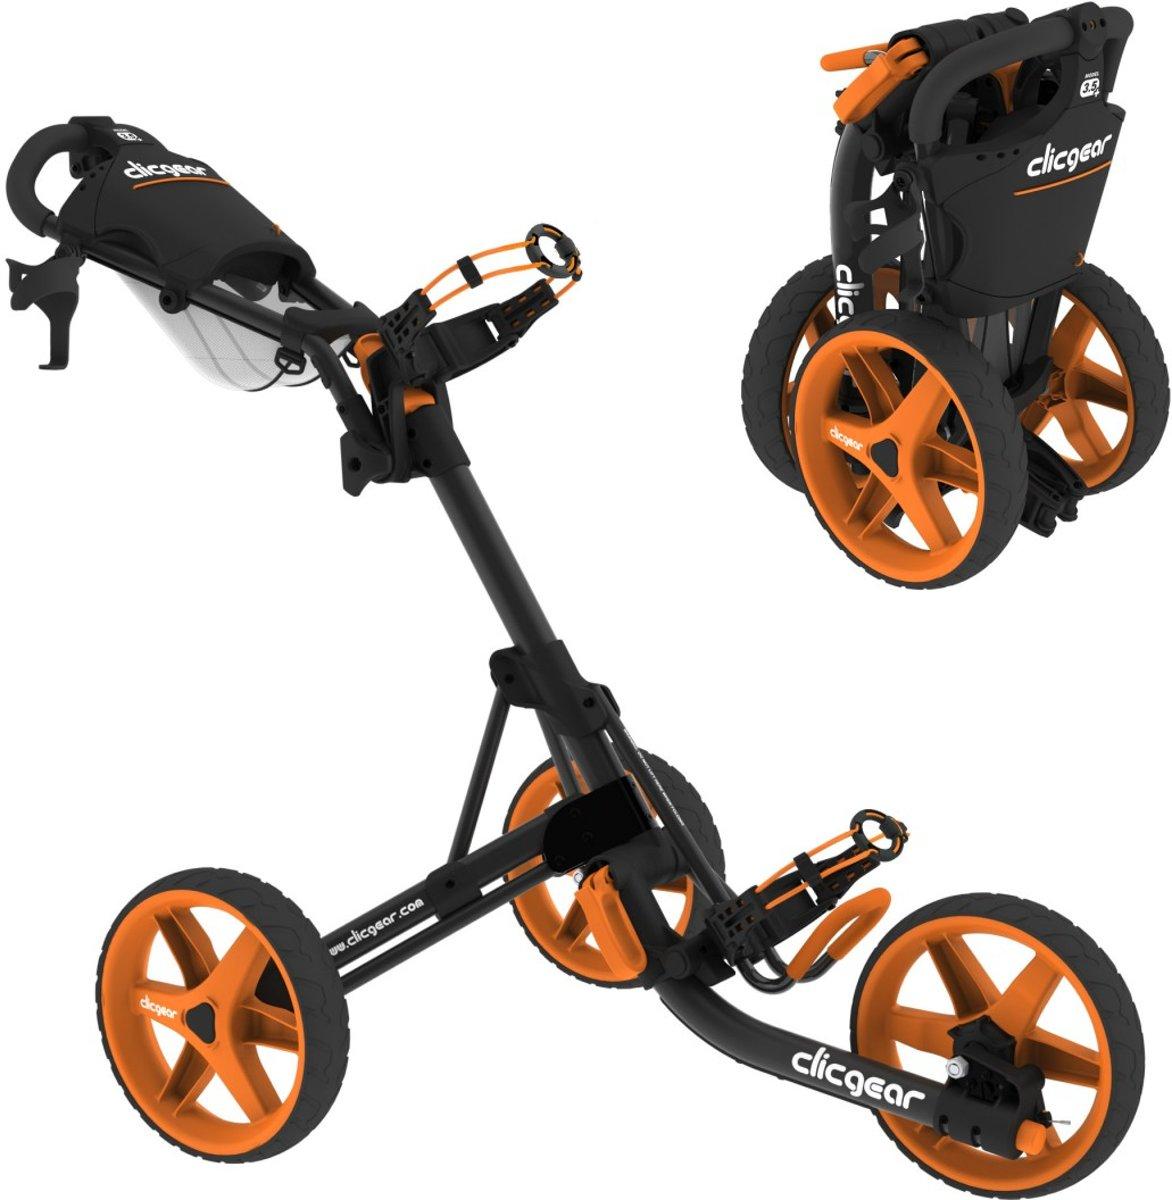 Clicgear trolley 3.5 - golftrolley - charcoal/oranje kopen